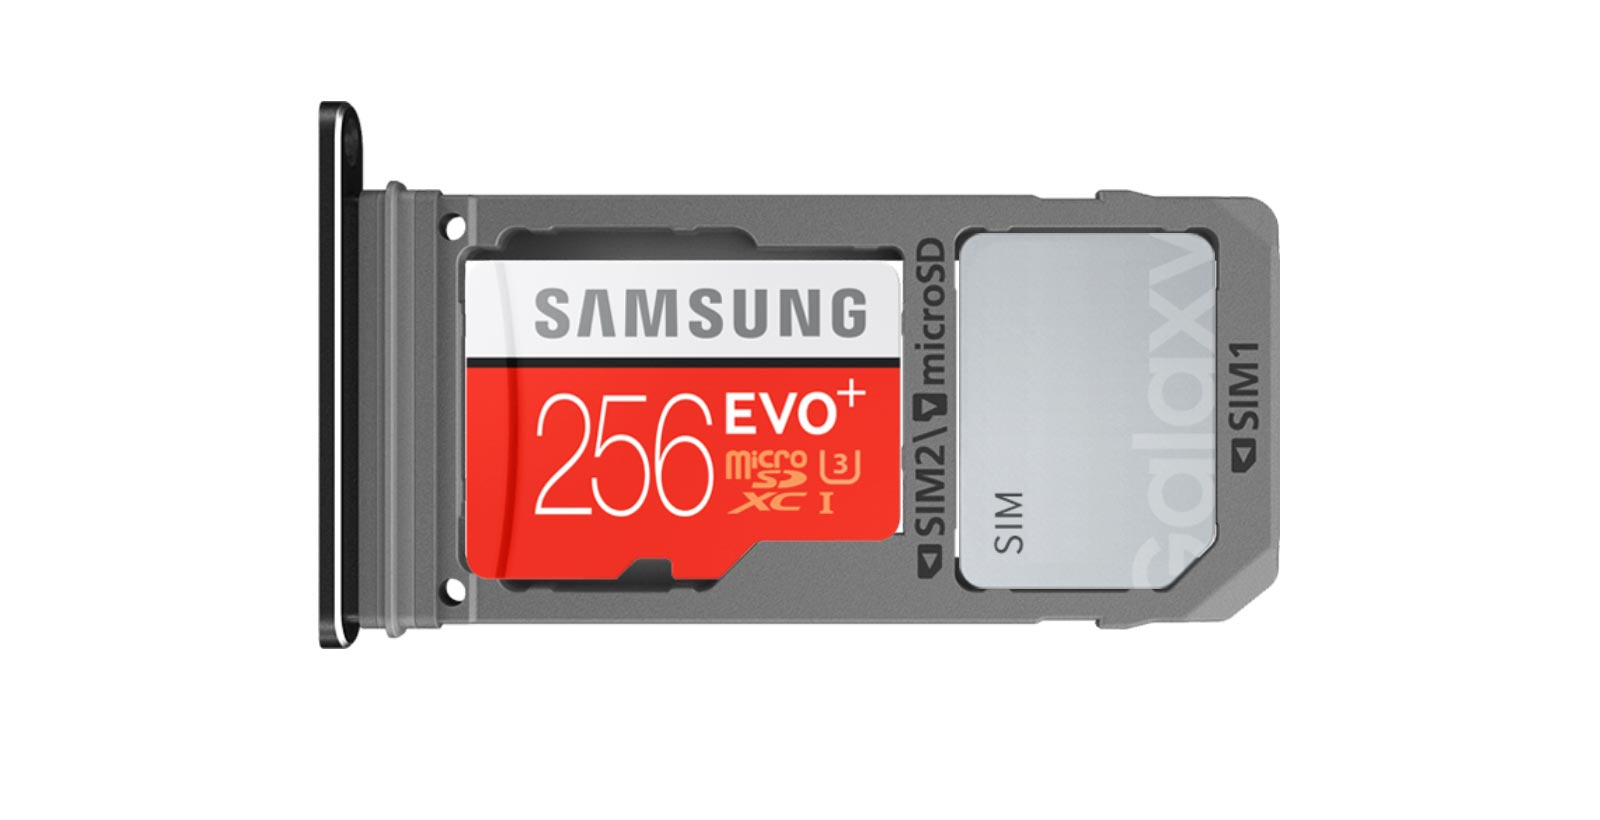 Vous avez le droit d'y insérer la carte microSD d'une autre marque également.